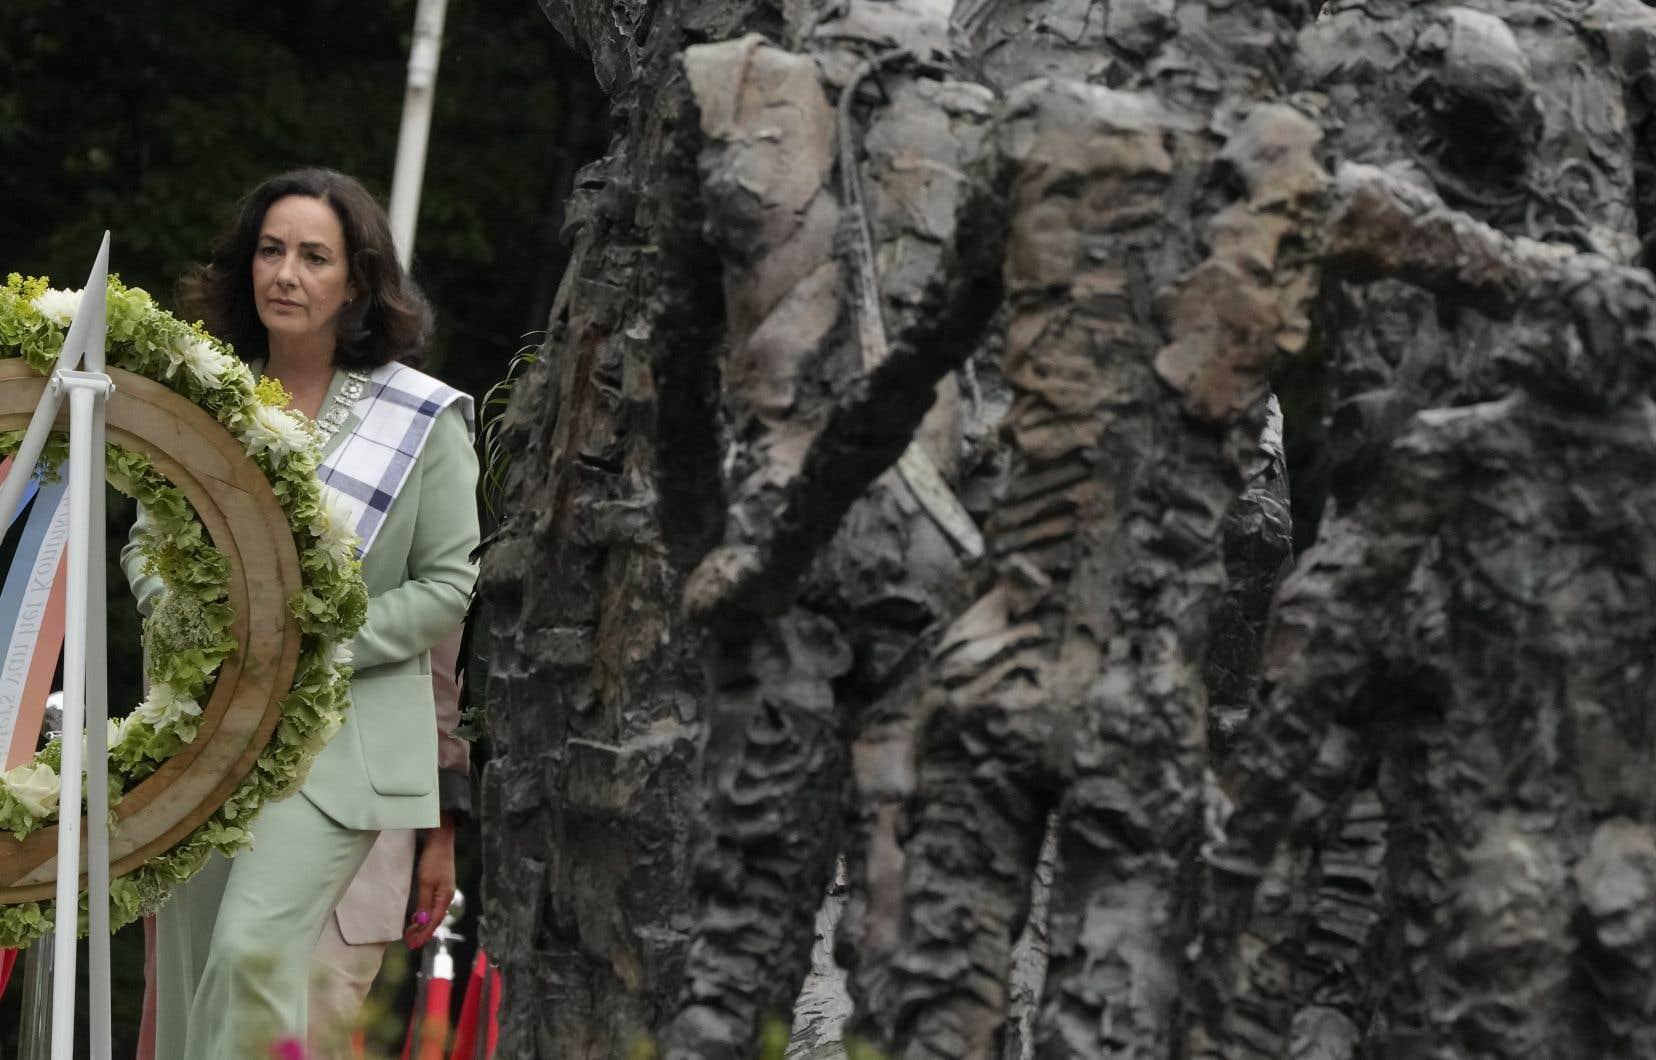 La mairesse Femke Halsema a déposé une couronne au Monument national de l'esclavage après s'être excusé pour l'implication des dirigeants de la ville dans la traite des esclaves.